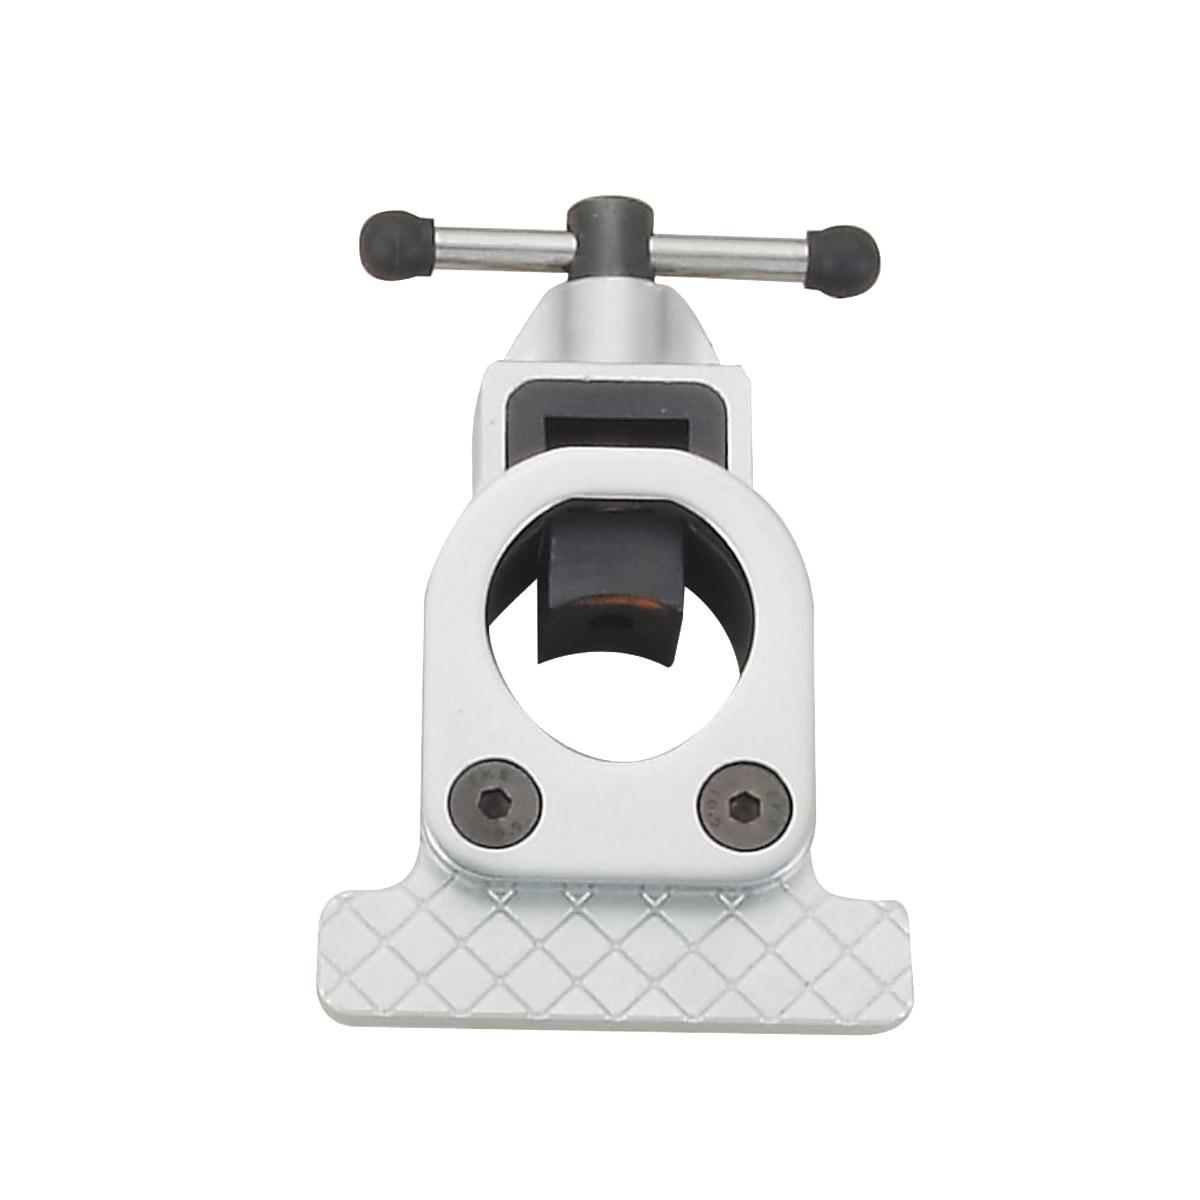 Guia de corte de pivô de forqueta/suspensão SUPER B Probikeshop #5C4E46 1200x1200